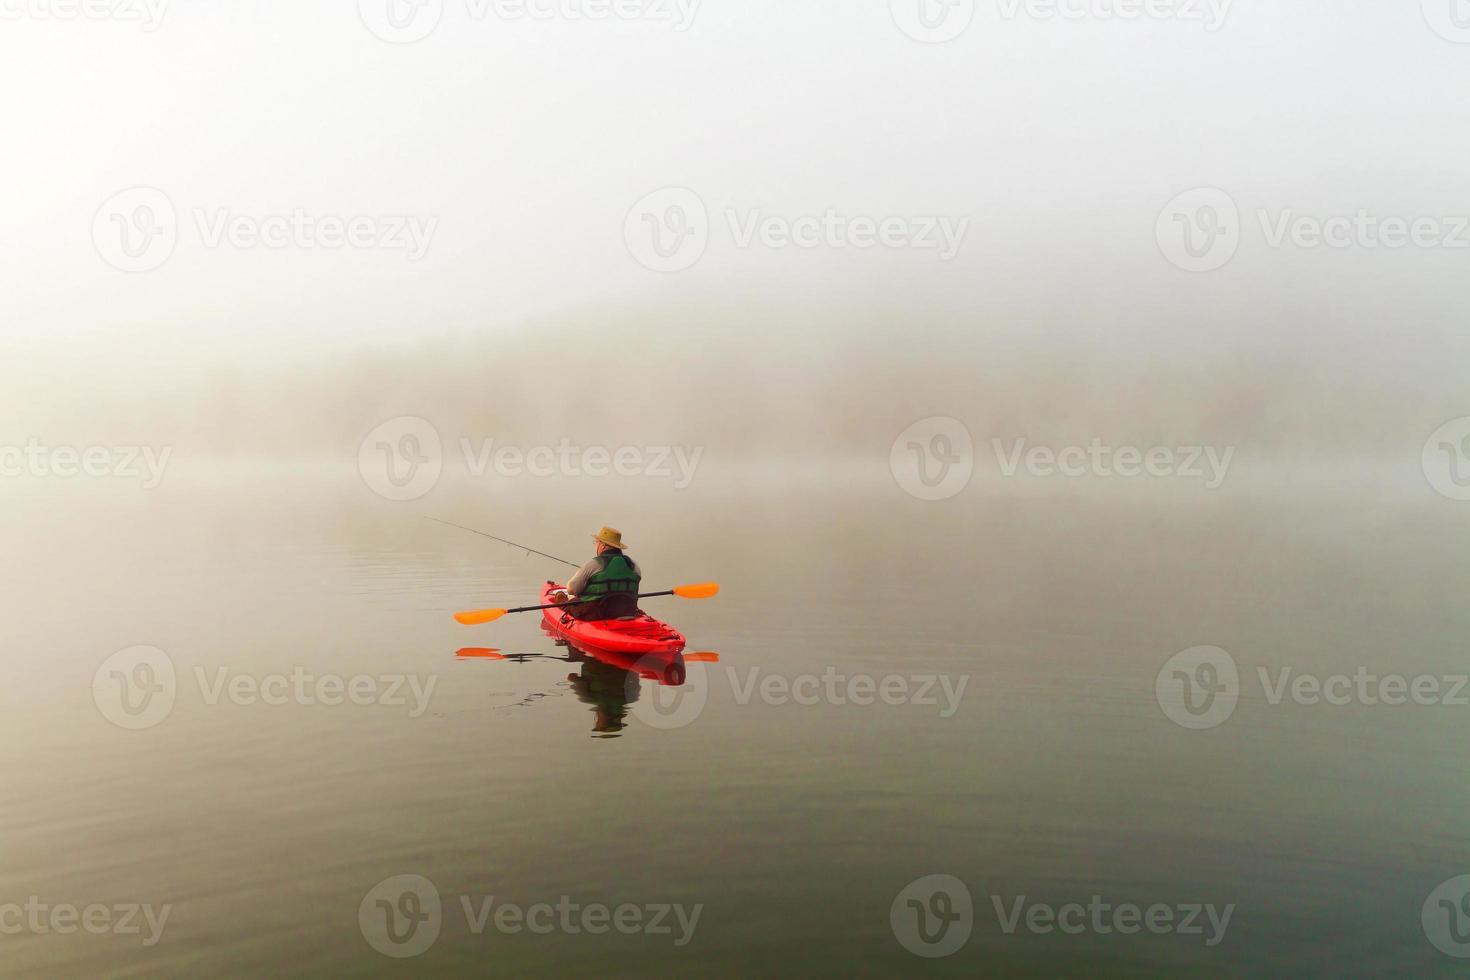 pescador no caiaque vermelho, névoa da manhã foto